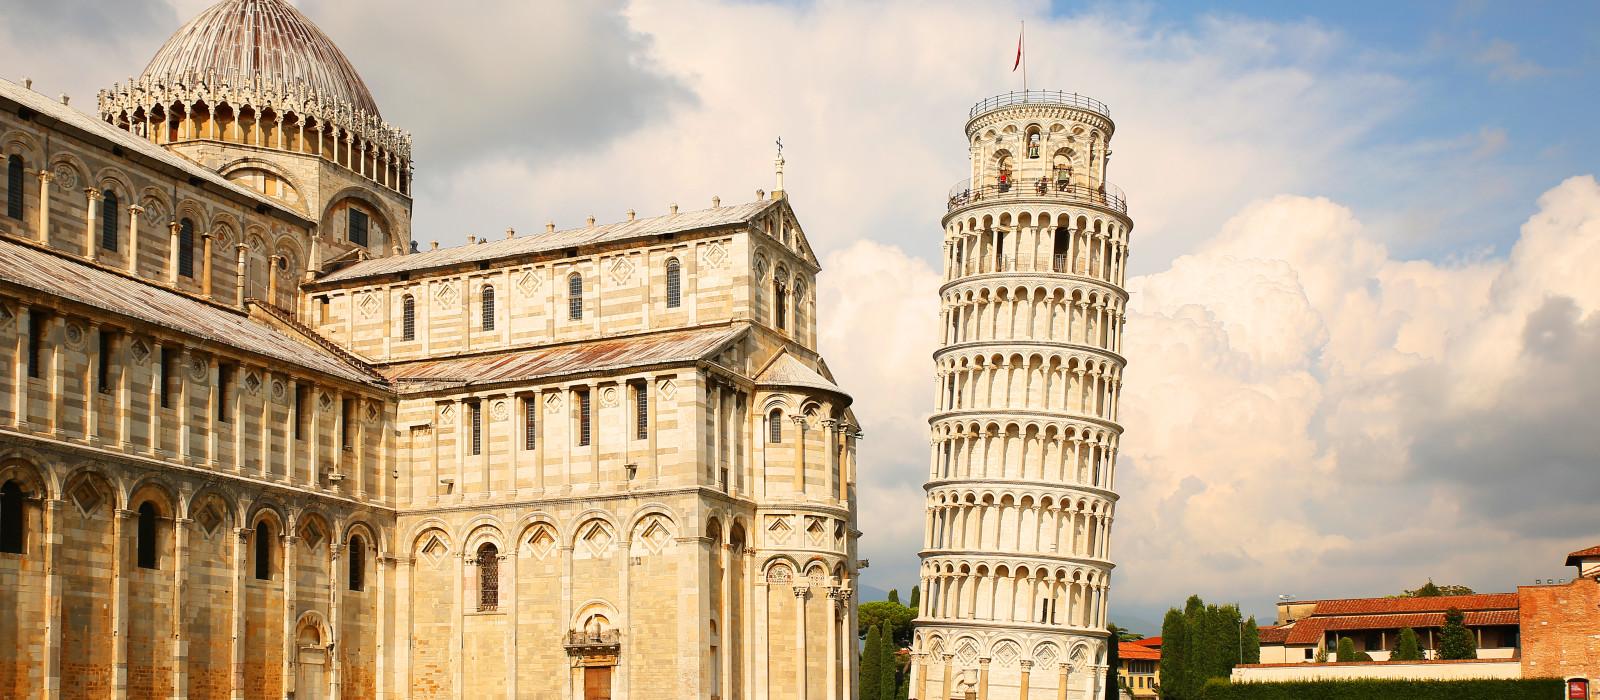 Destination Pisa Italy